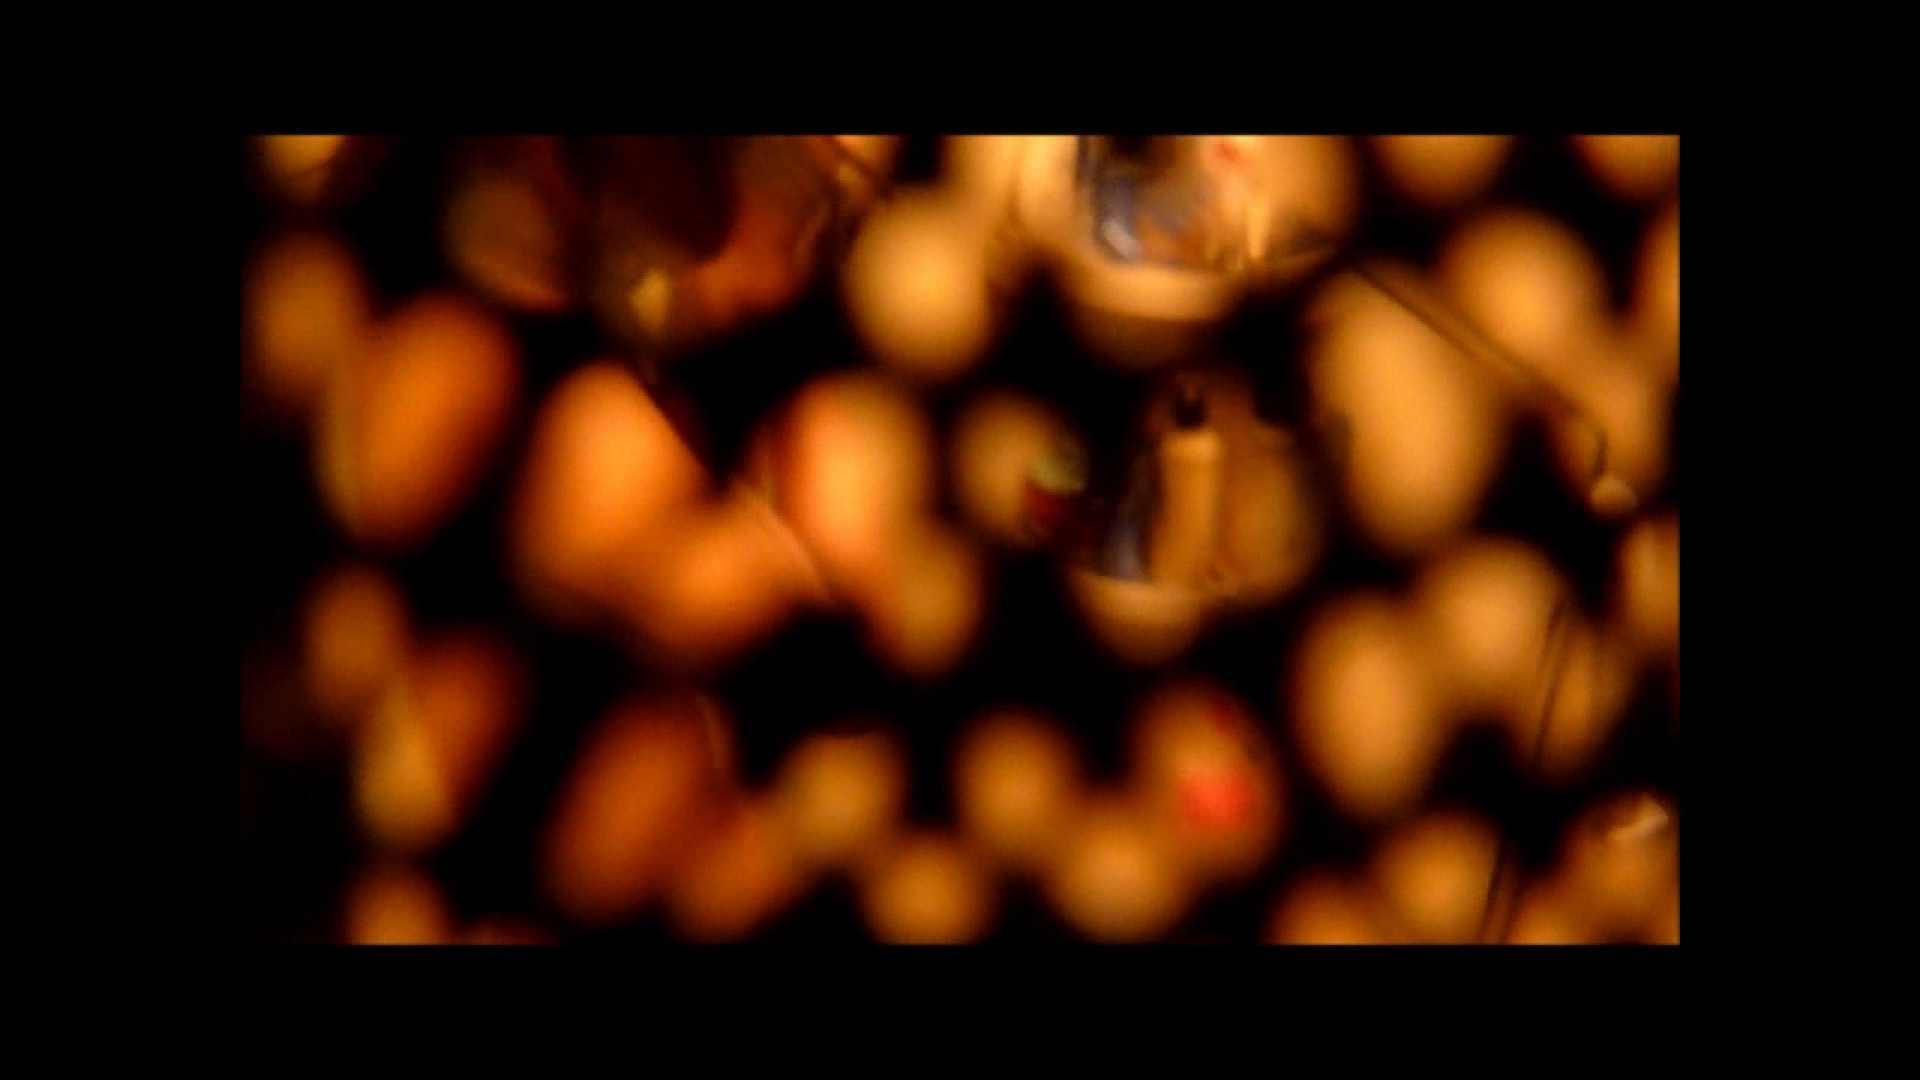 【02】ベランダに侵入して張り込みを始めて・・・やっと結果が出ました。 家宅侵入 | 0  82画像 11